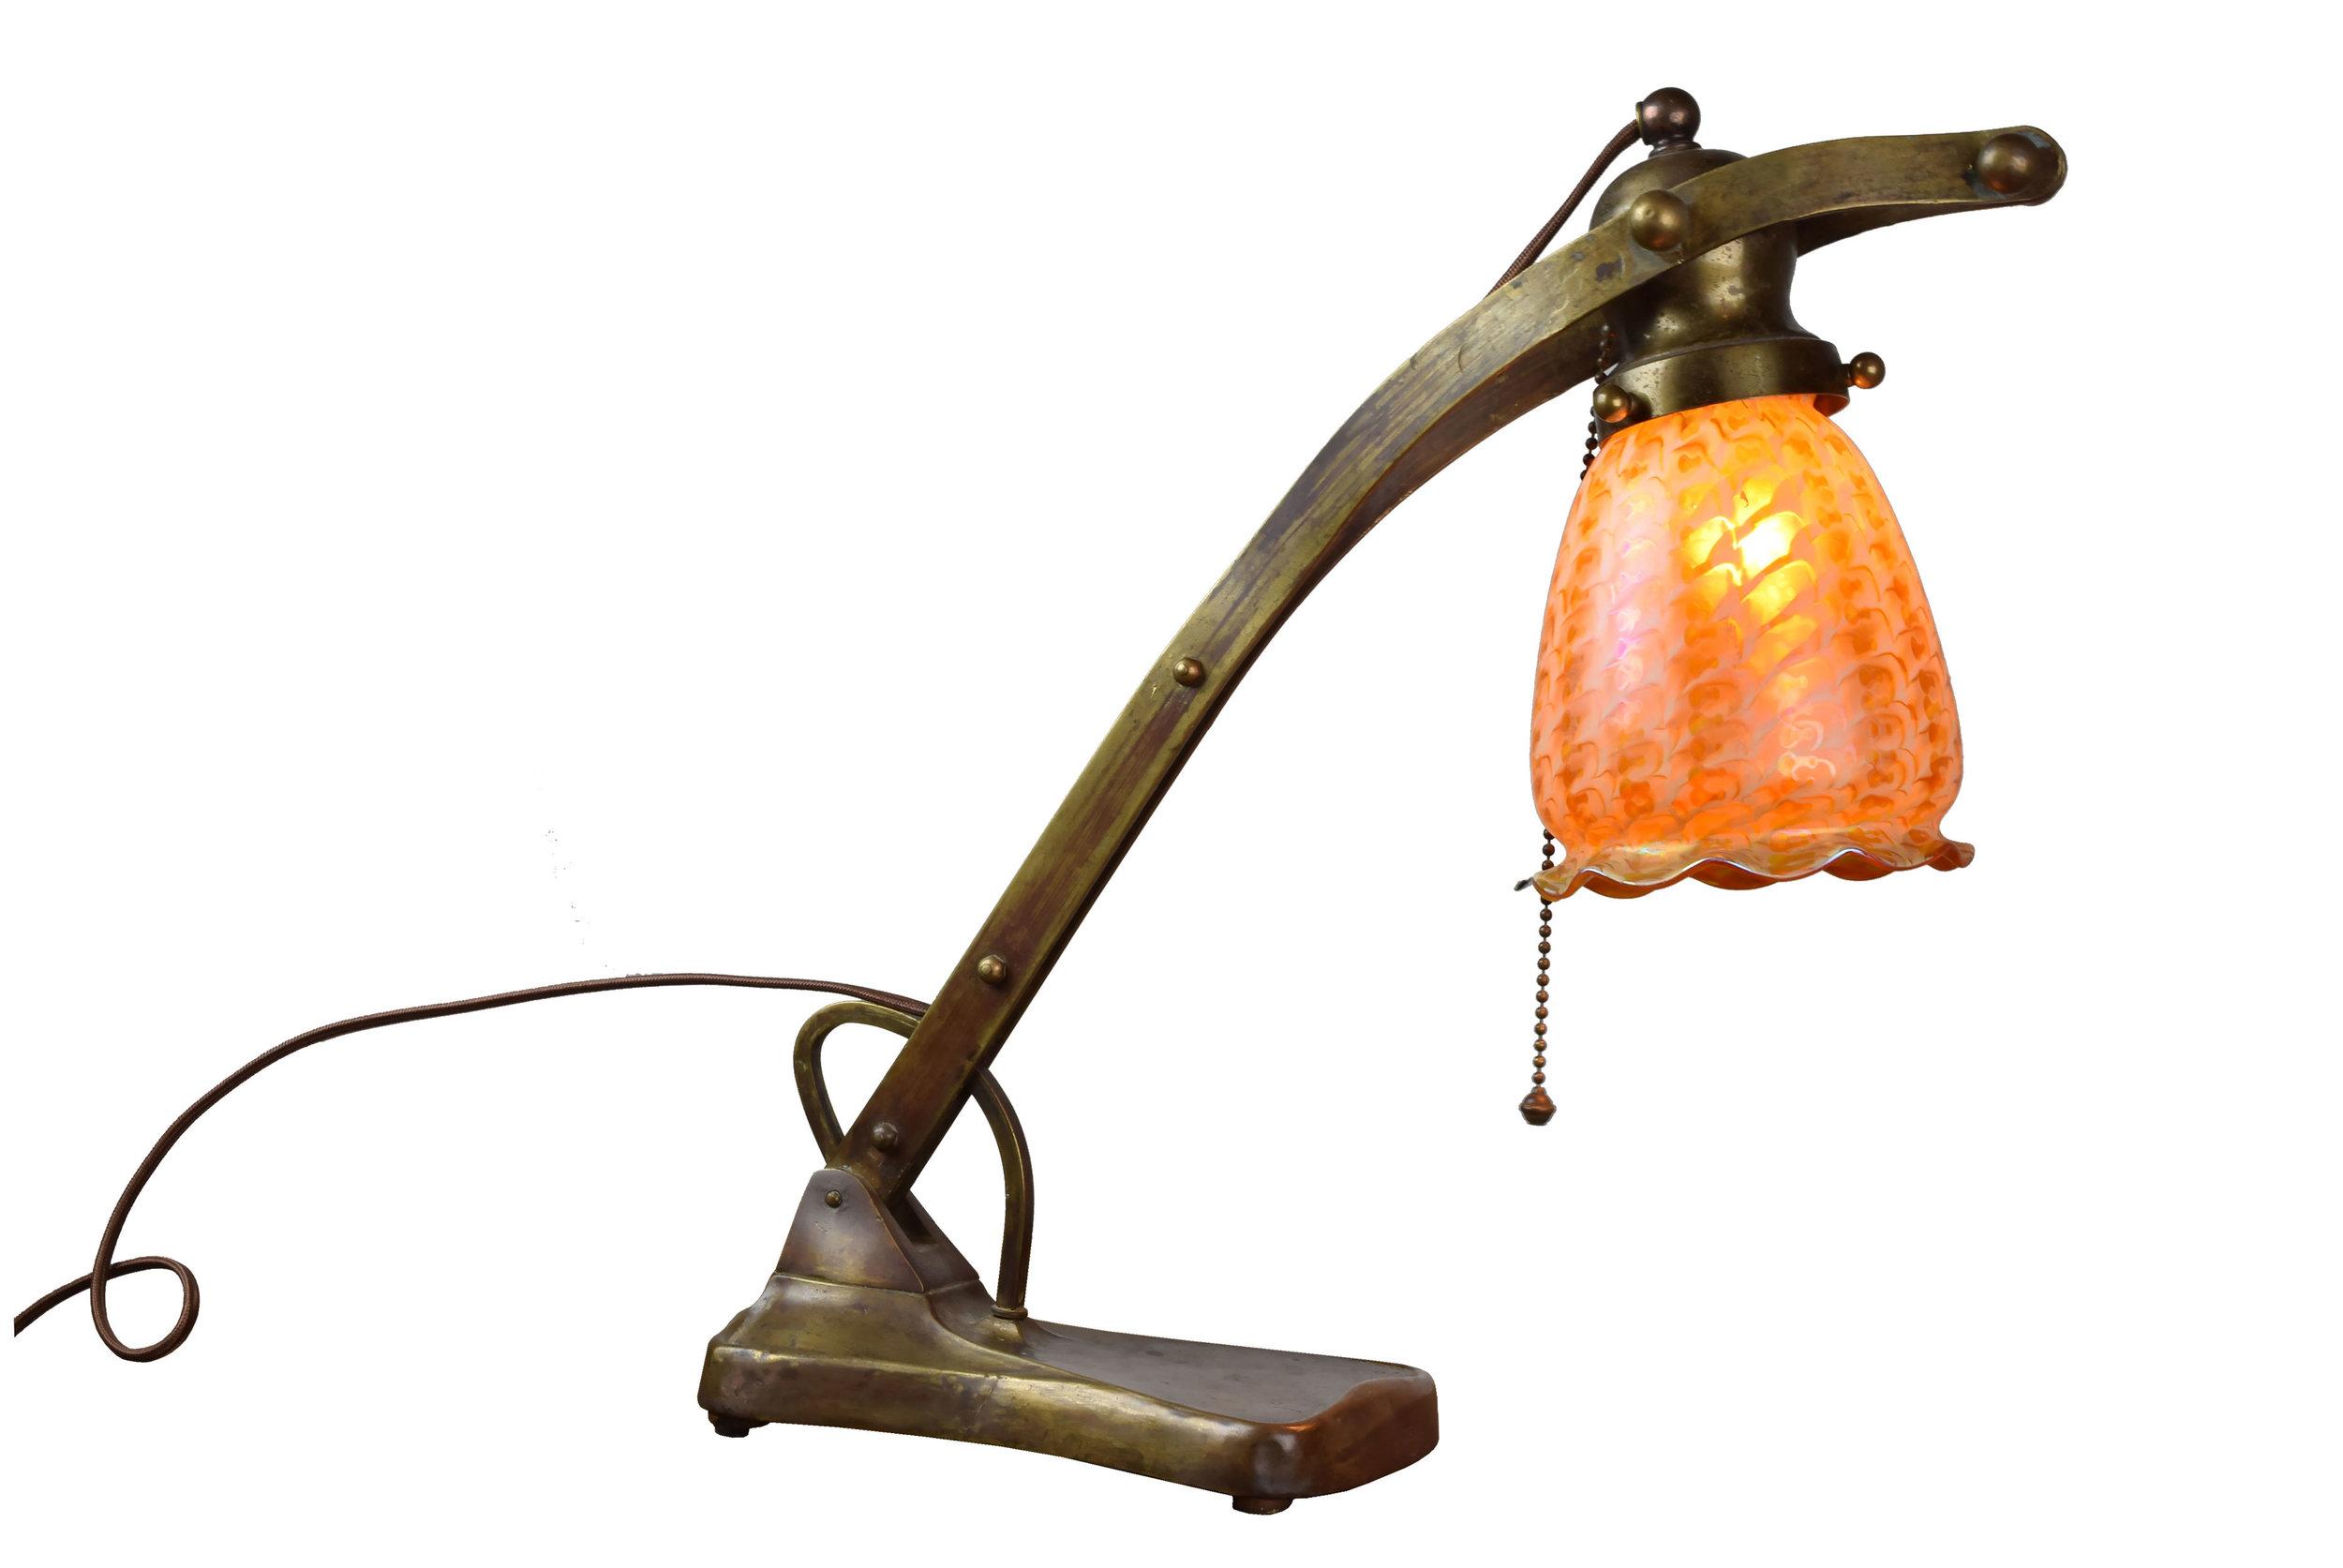 47195-handel-table-lamp-main-image.jpg